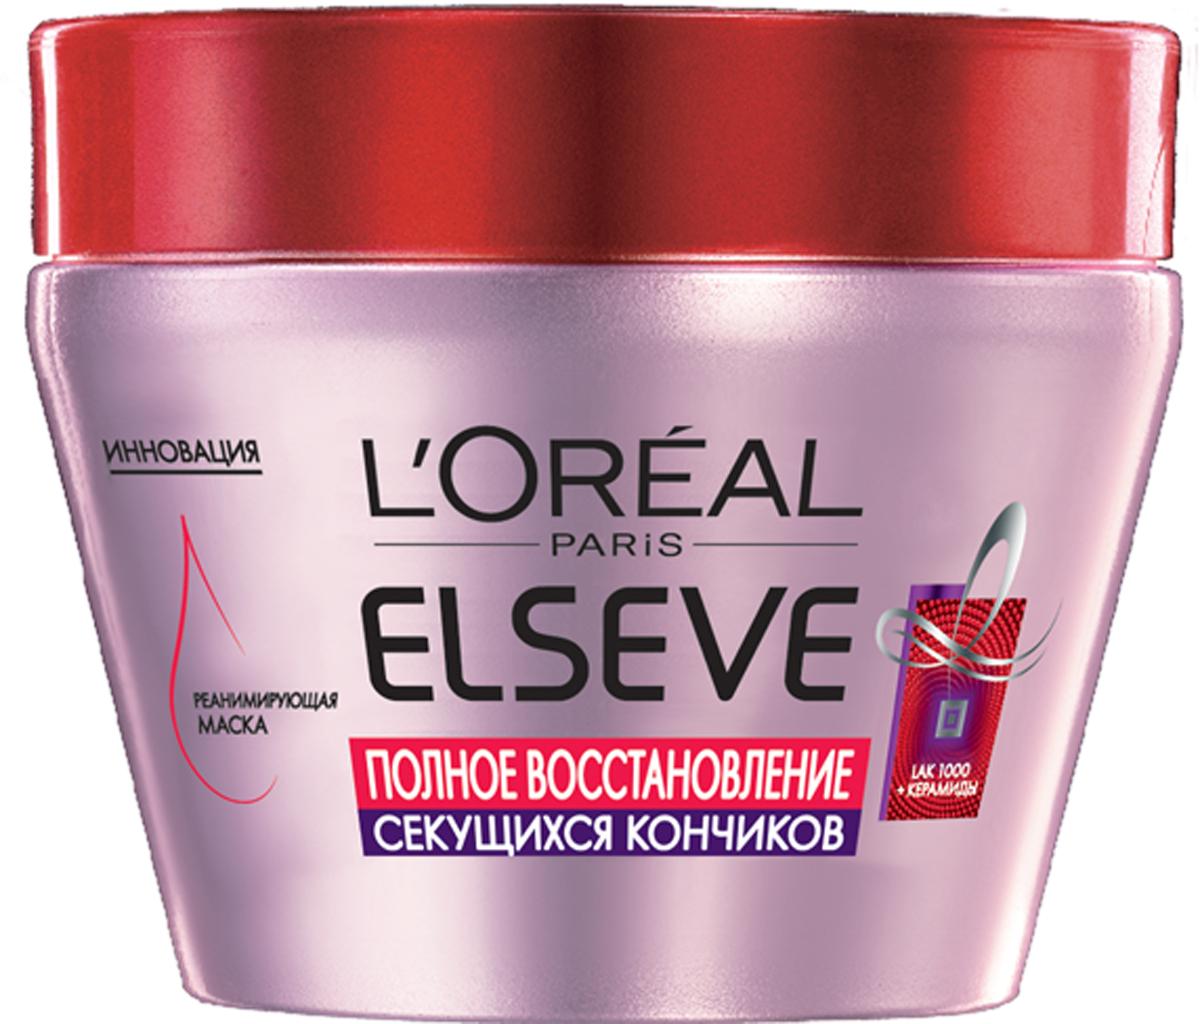 L'Oreal Paris Elseve Маска для волос Эльсев, Полное восстановление секущихся кончиков, 300 мл